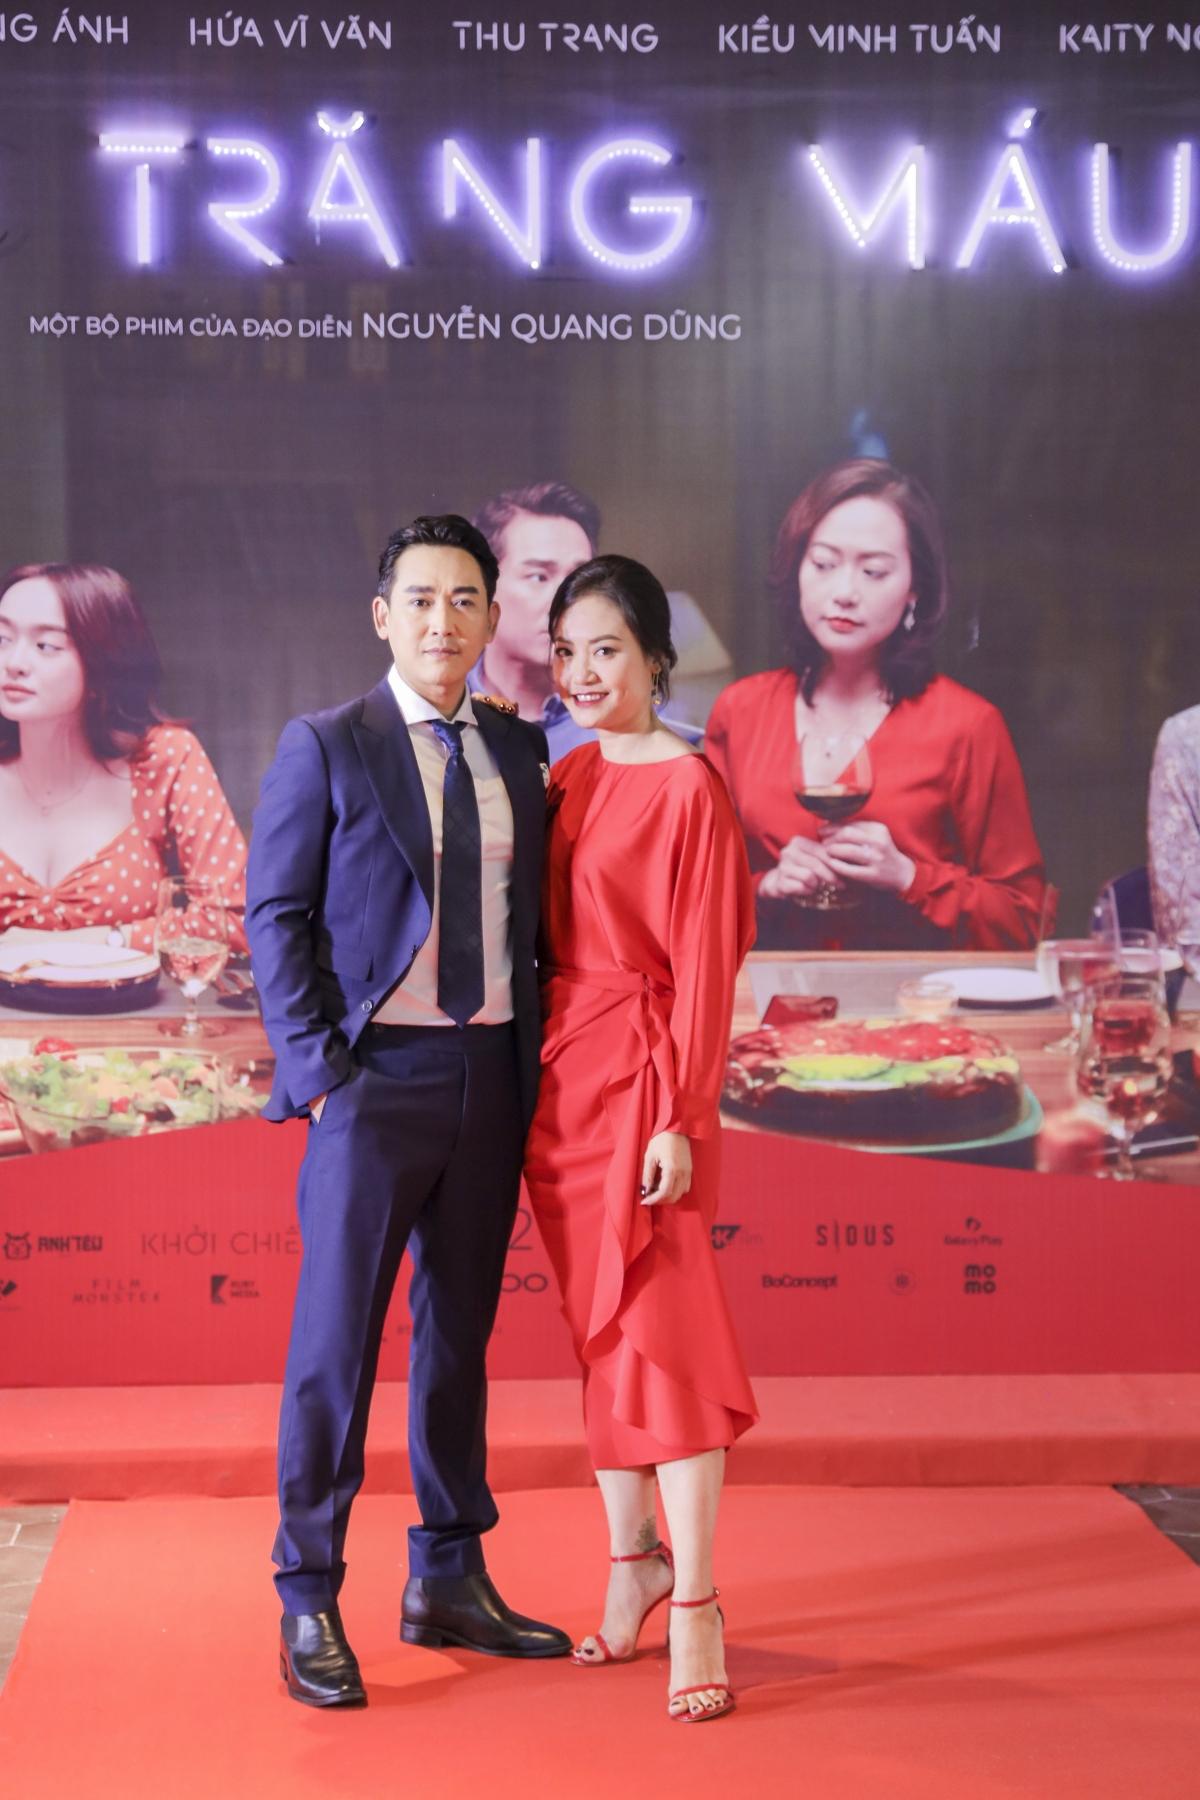 Hồng Ánh và Hứa Vĩ Văn vào vai cặp đôi chủ nhà của bữa tiệc gây tan nát tình thân trong phim.